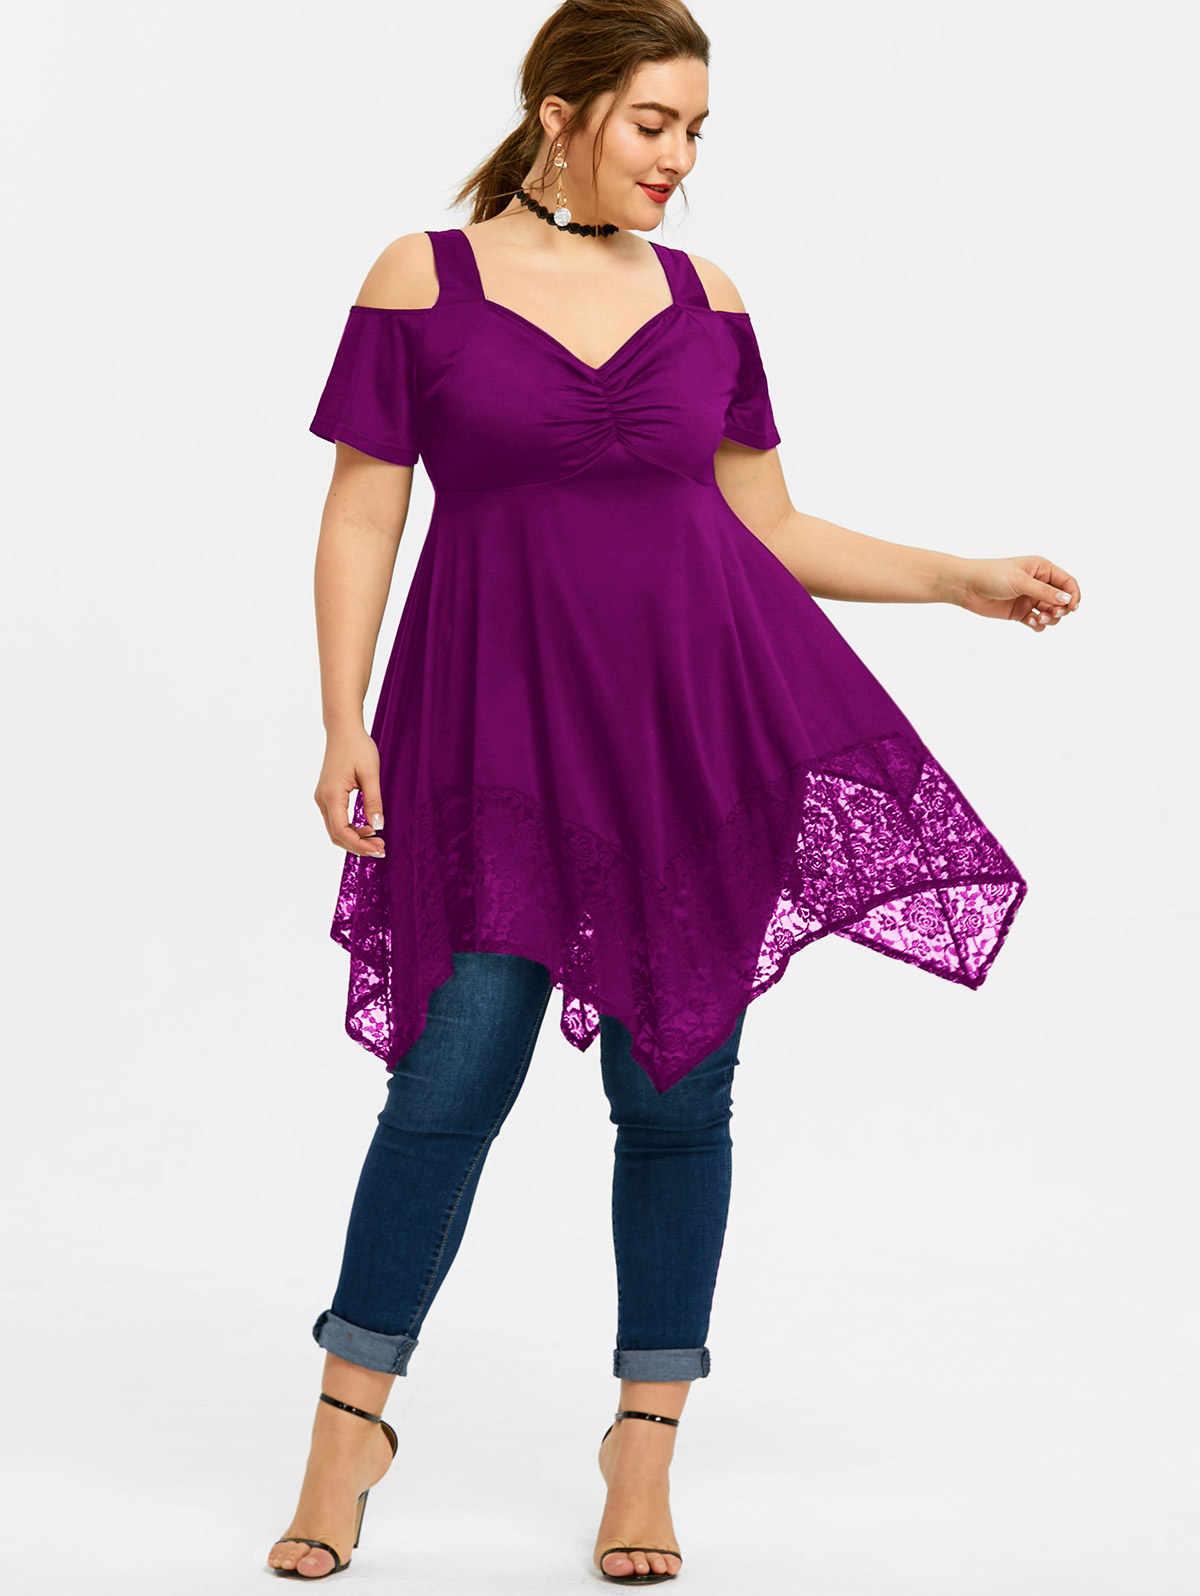 2795b51d4e4b4 Lortalen Plus Size Blouse Women Cold Shoulder High Waist Asymmetric Lace  Tops For Ladies Short Sleeve Fashion Woman Blouses 2019